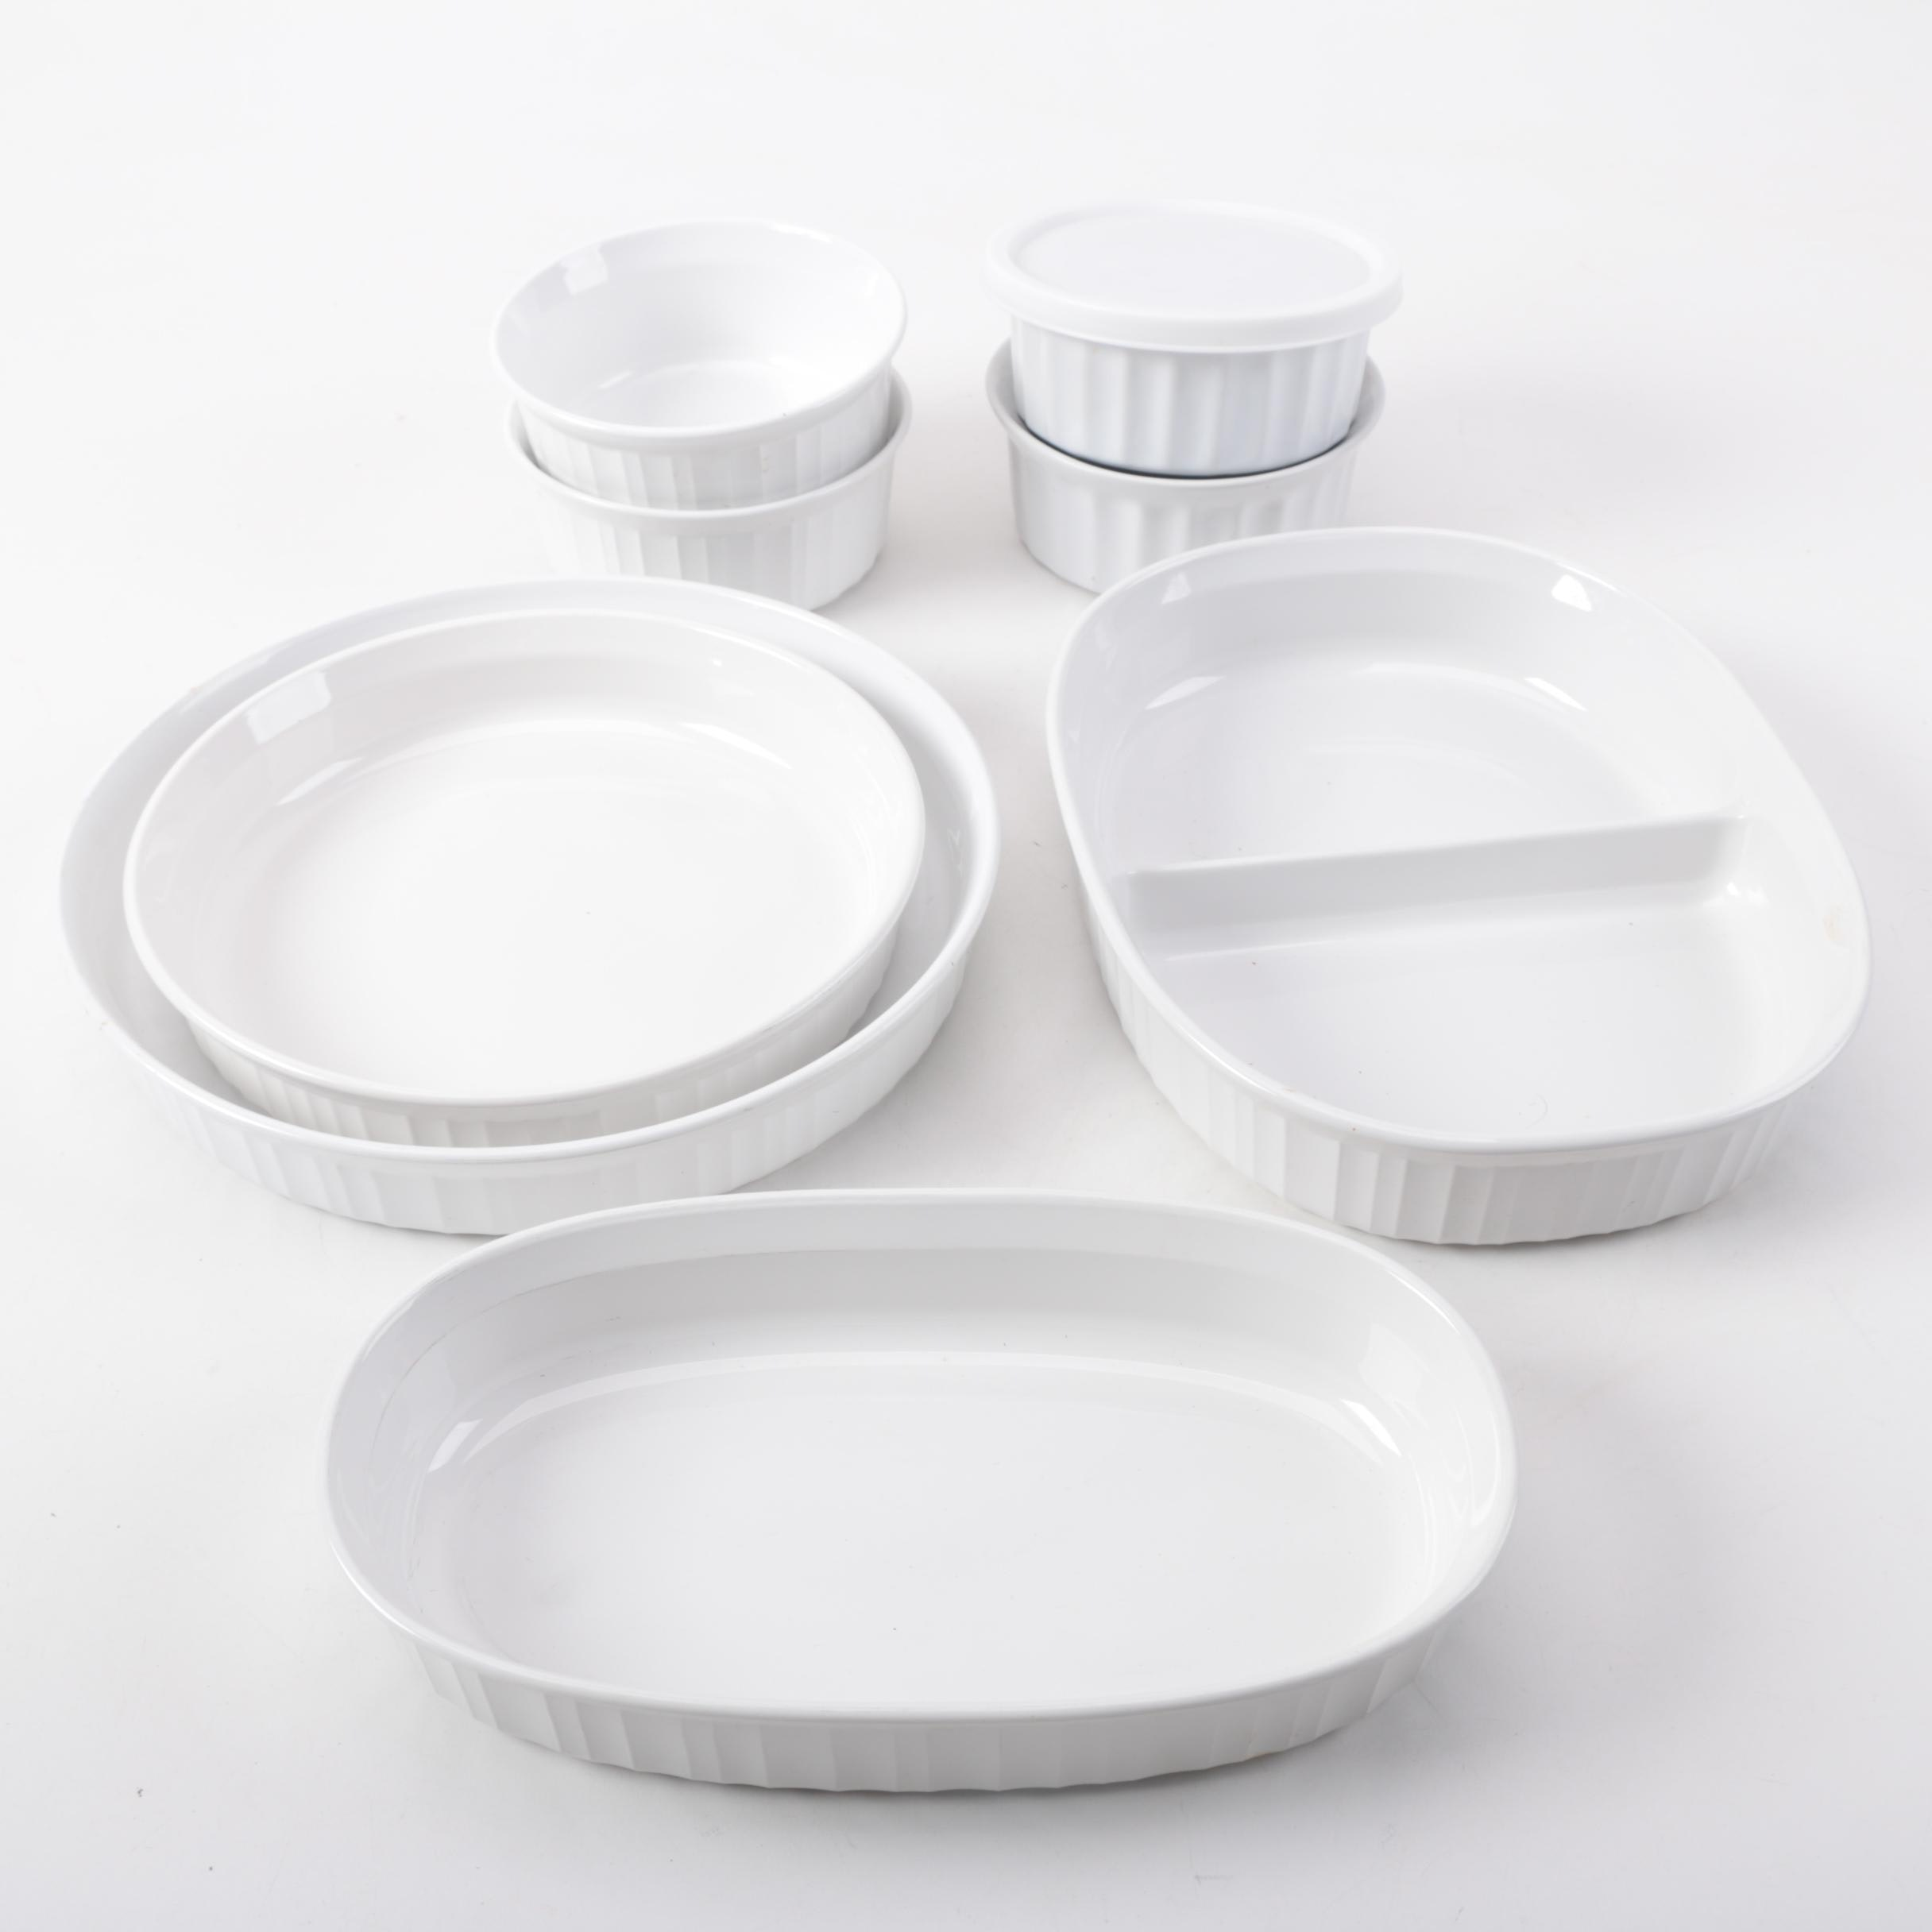 Ceramic Bakeware featuring Corningware